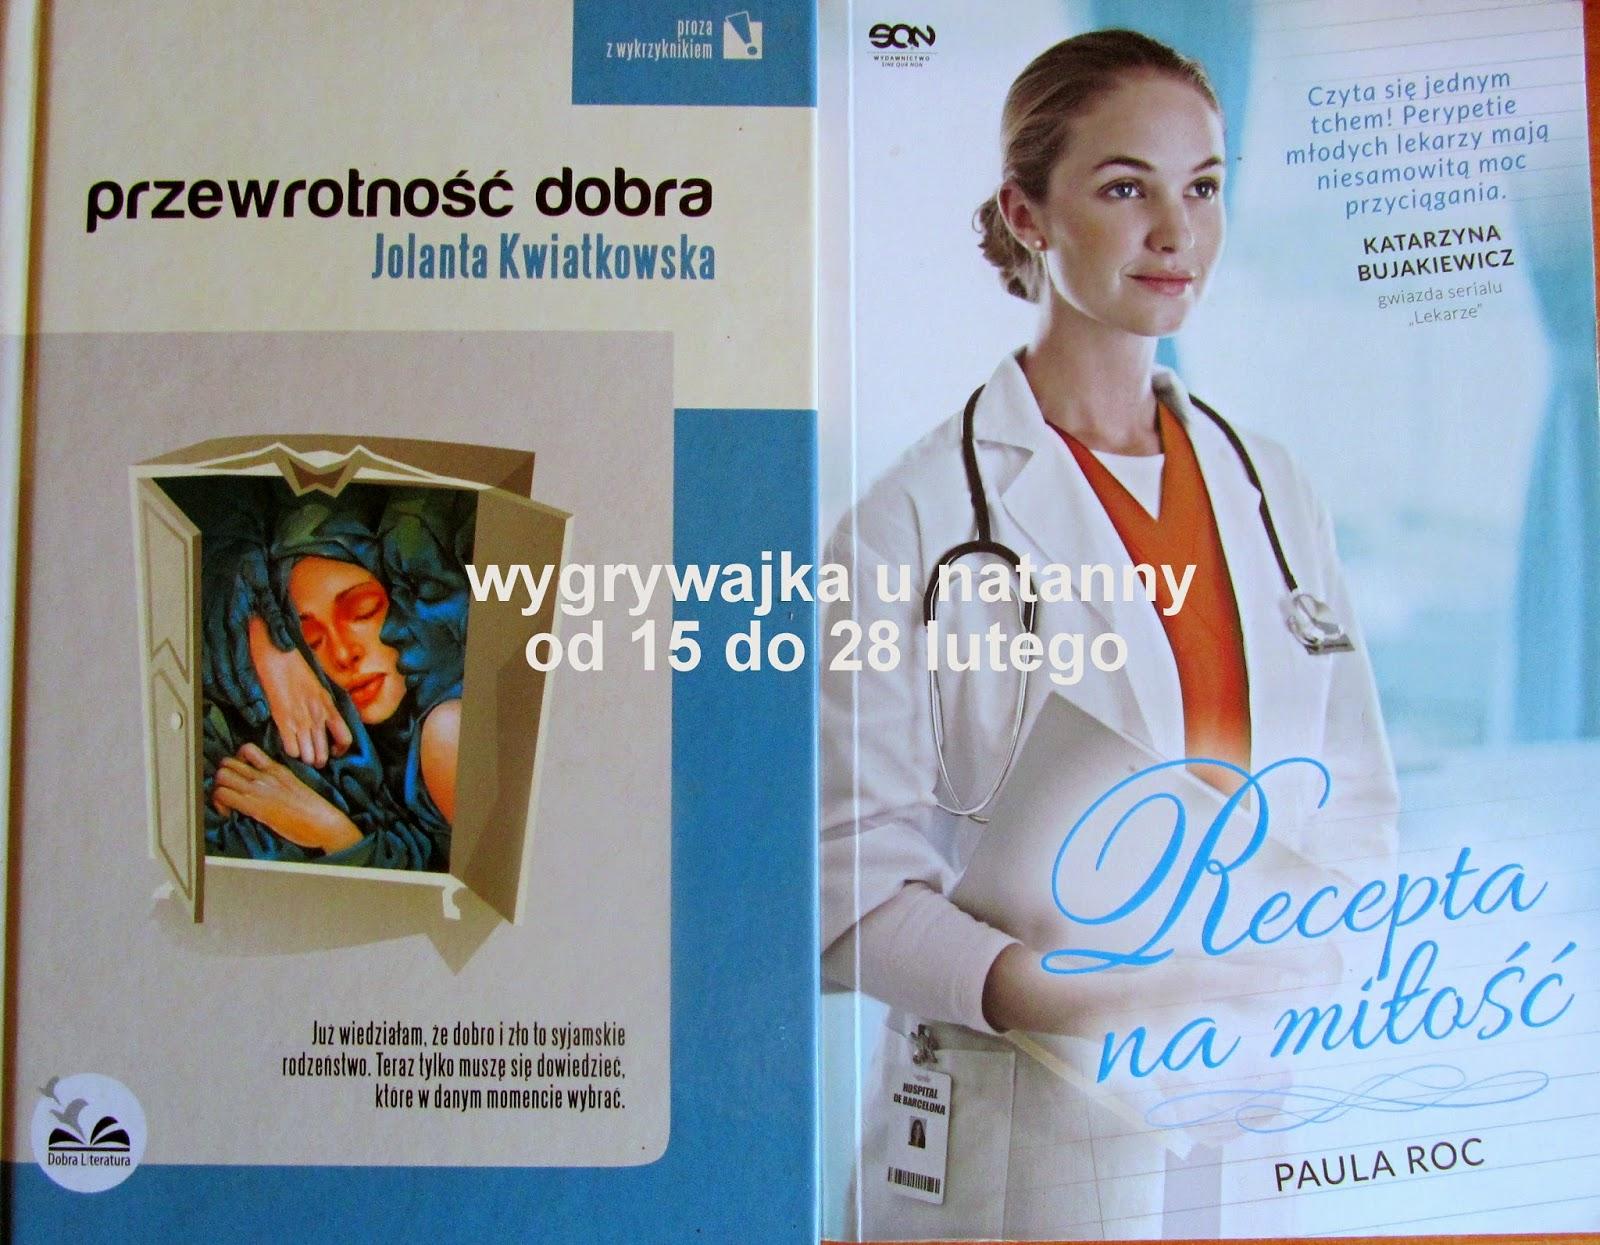 http://natanna-mojezaczytanie.blogspot.com/2015/02/wygrywajka-rozdawajka-candyobojetnie.html